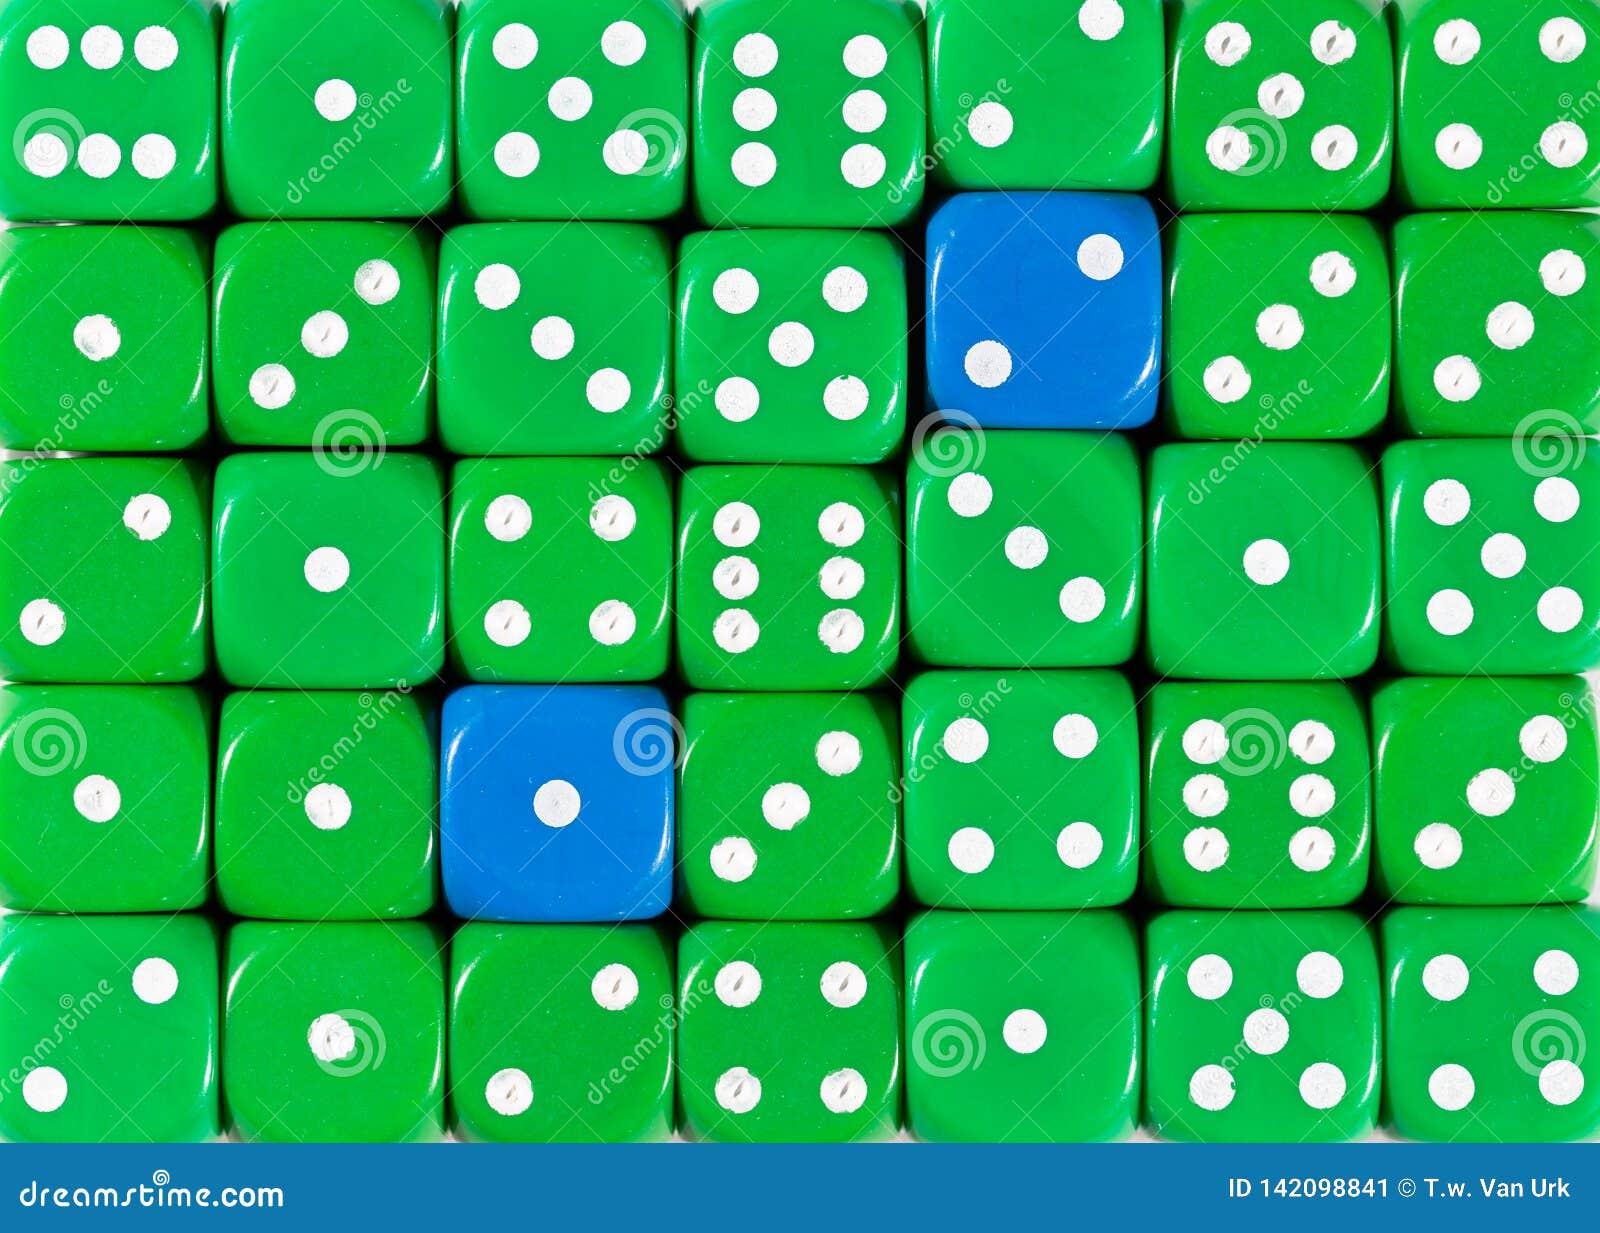 El fondo del verde pedido al azar corta en cuadritos con dos cubos azules